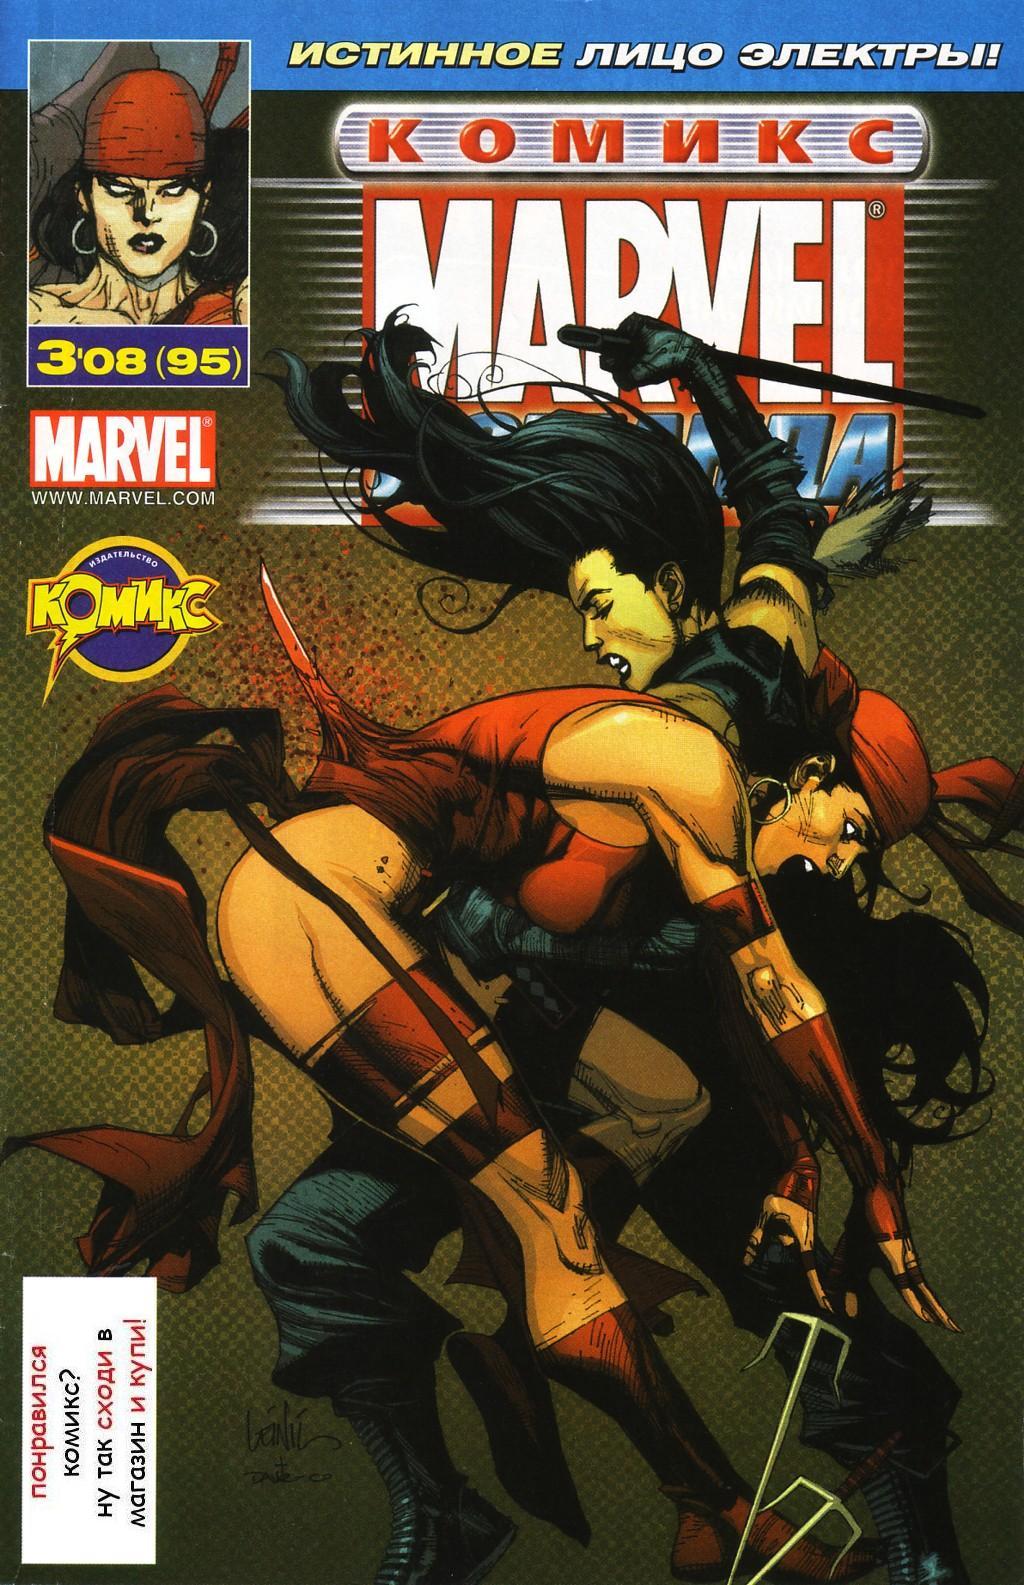 Комиксы Онлайн - Марвел Команда ИДК - # 31 - Страница №1 - Marvel Команда ИДК - Marvel Команда # 95